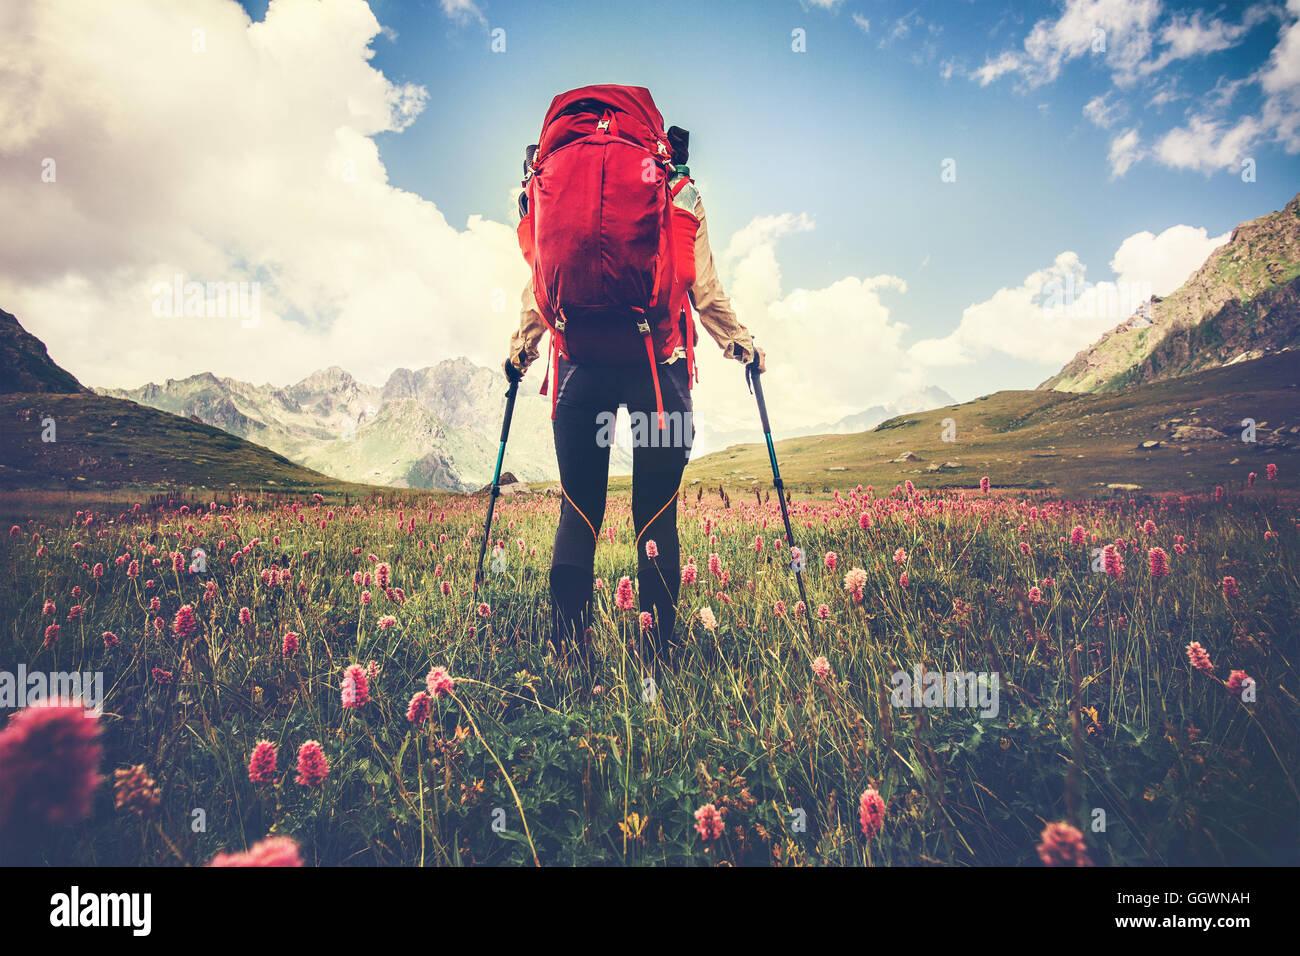 Donna viaggiatore con zaino rosso escursionismo viaggio concetto Lifestyle vacanze estive outdoor montagne e fiori Immagini Stock